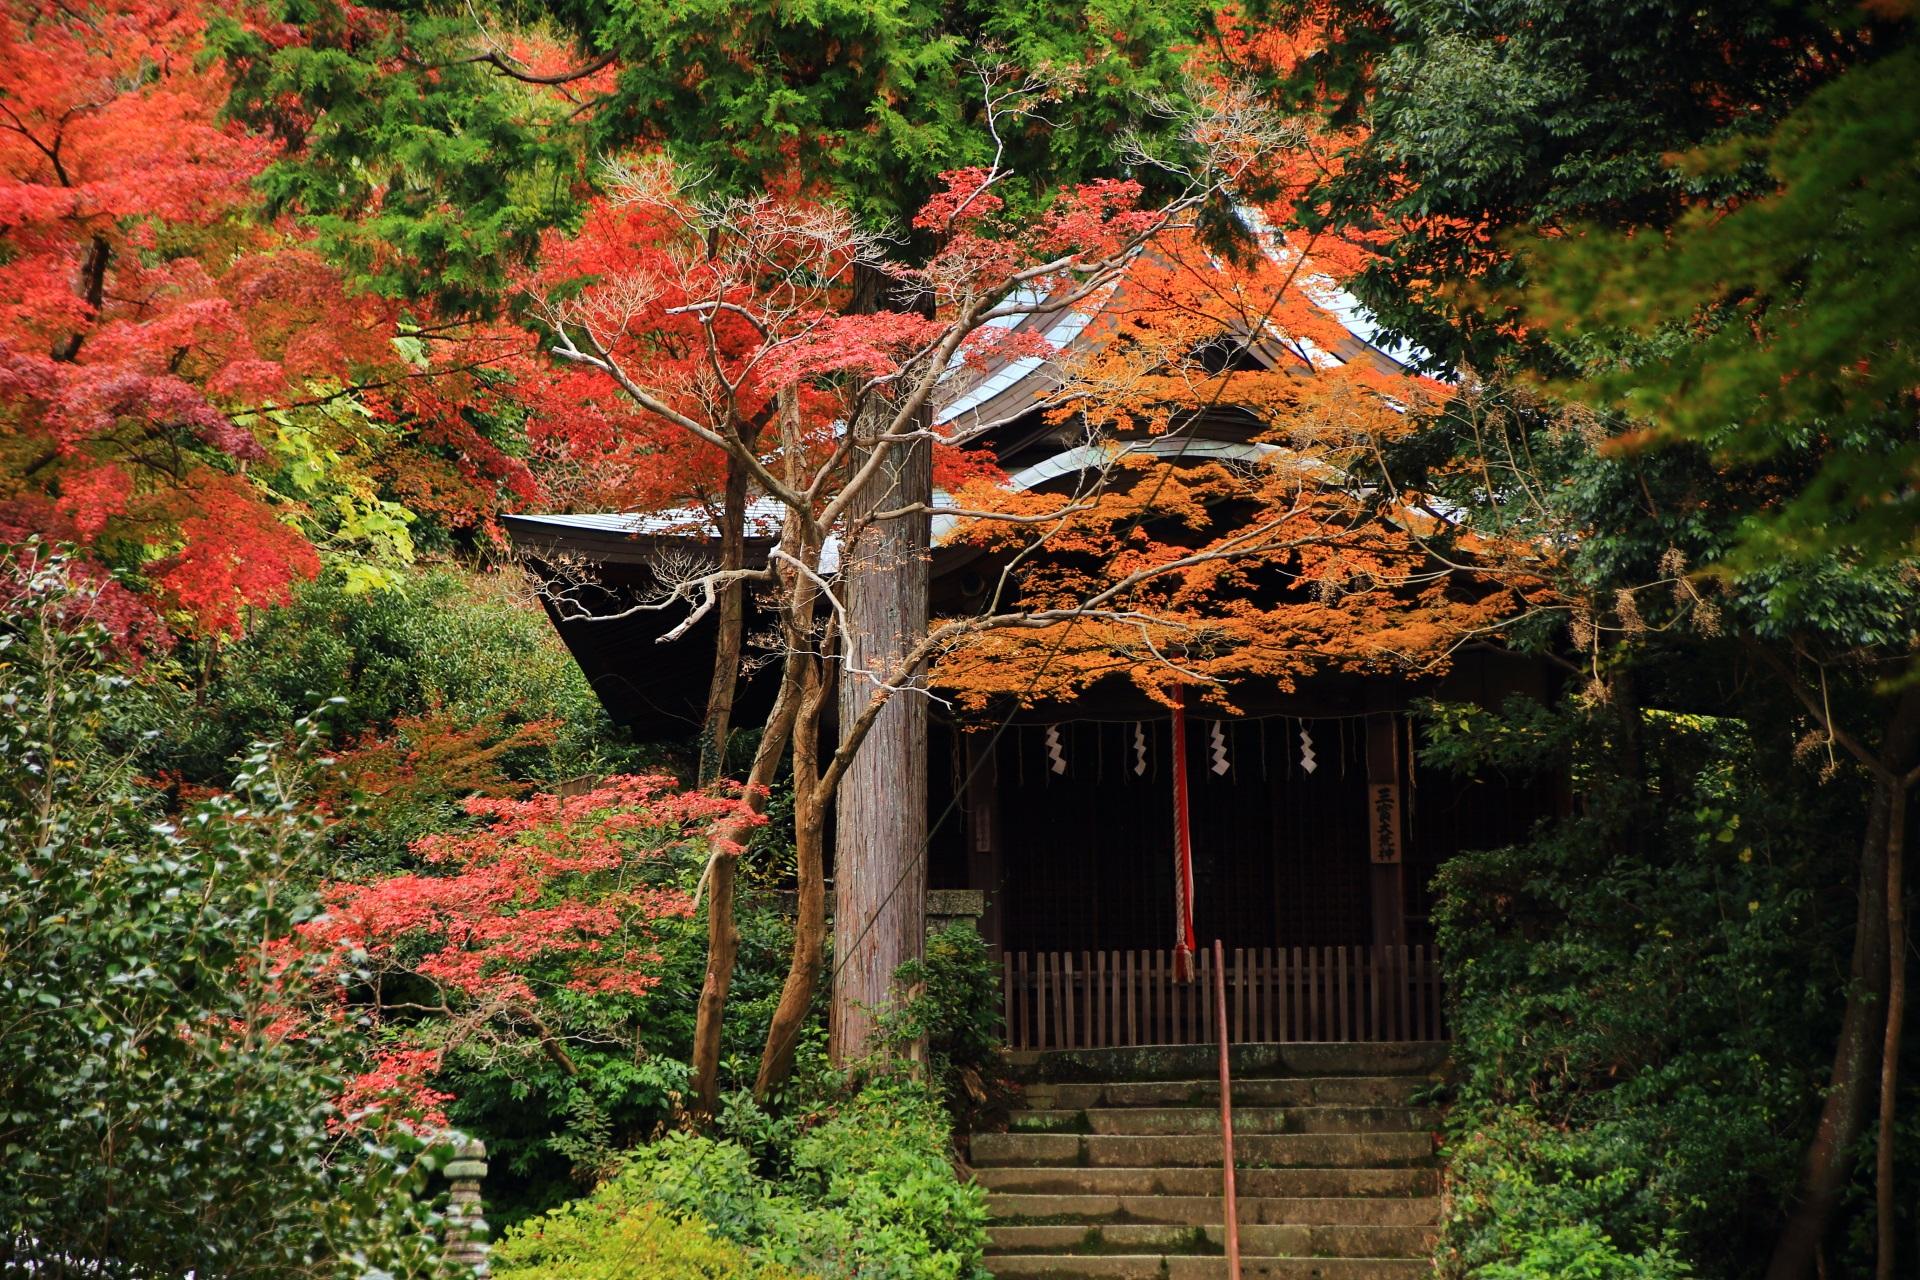 来迎院の荒神堂を染める多彩な紅葉